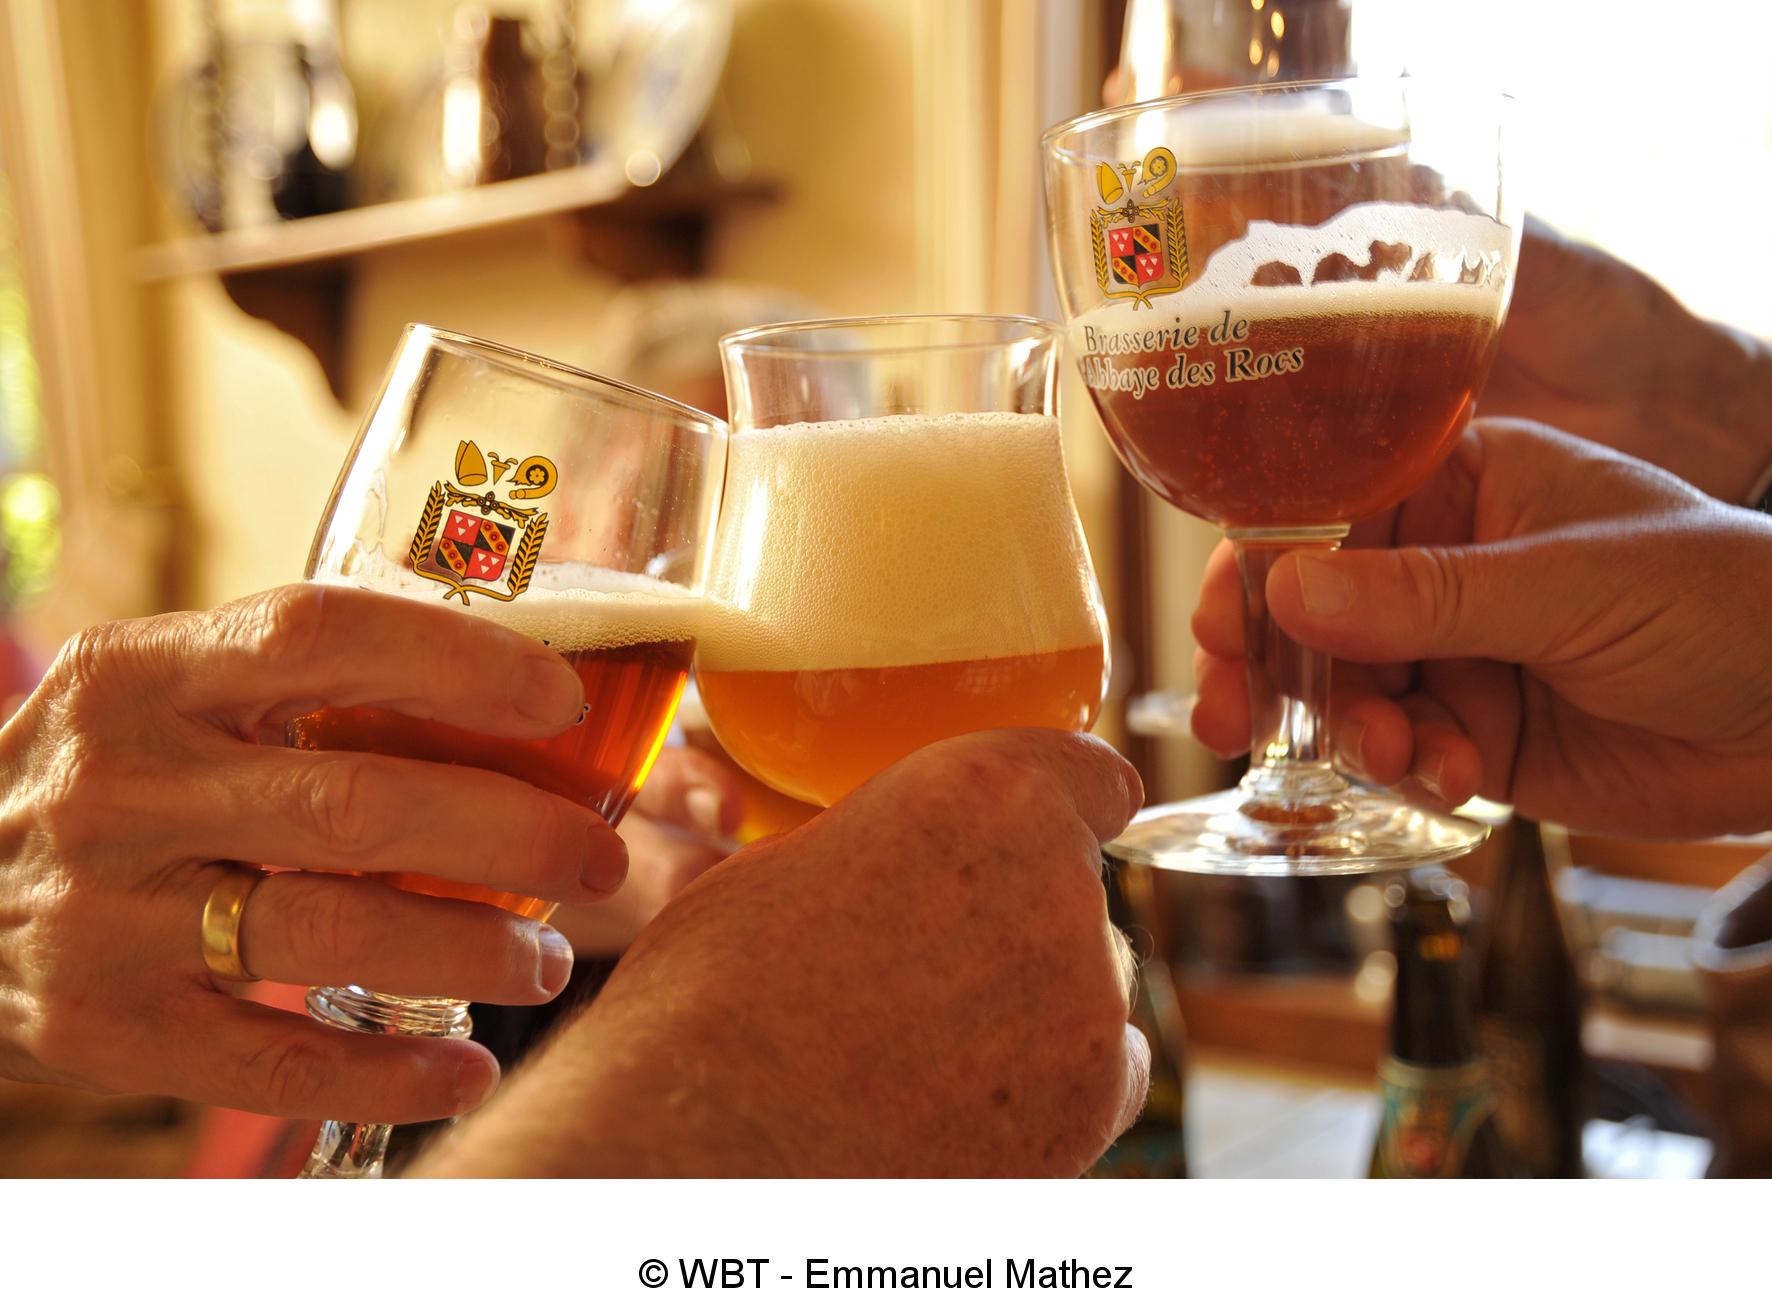 The Abbaye des Rocs brewery - Montignies-sur-roc - Honnelles - Hainaut